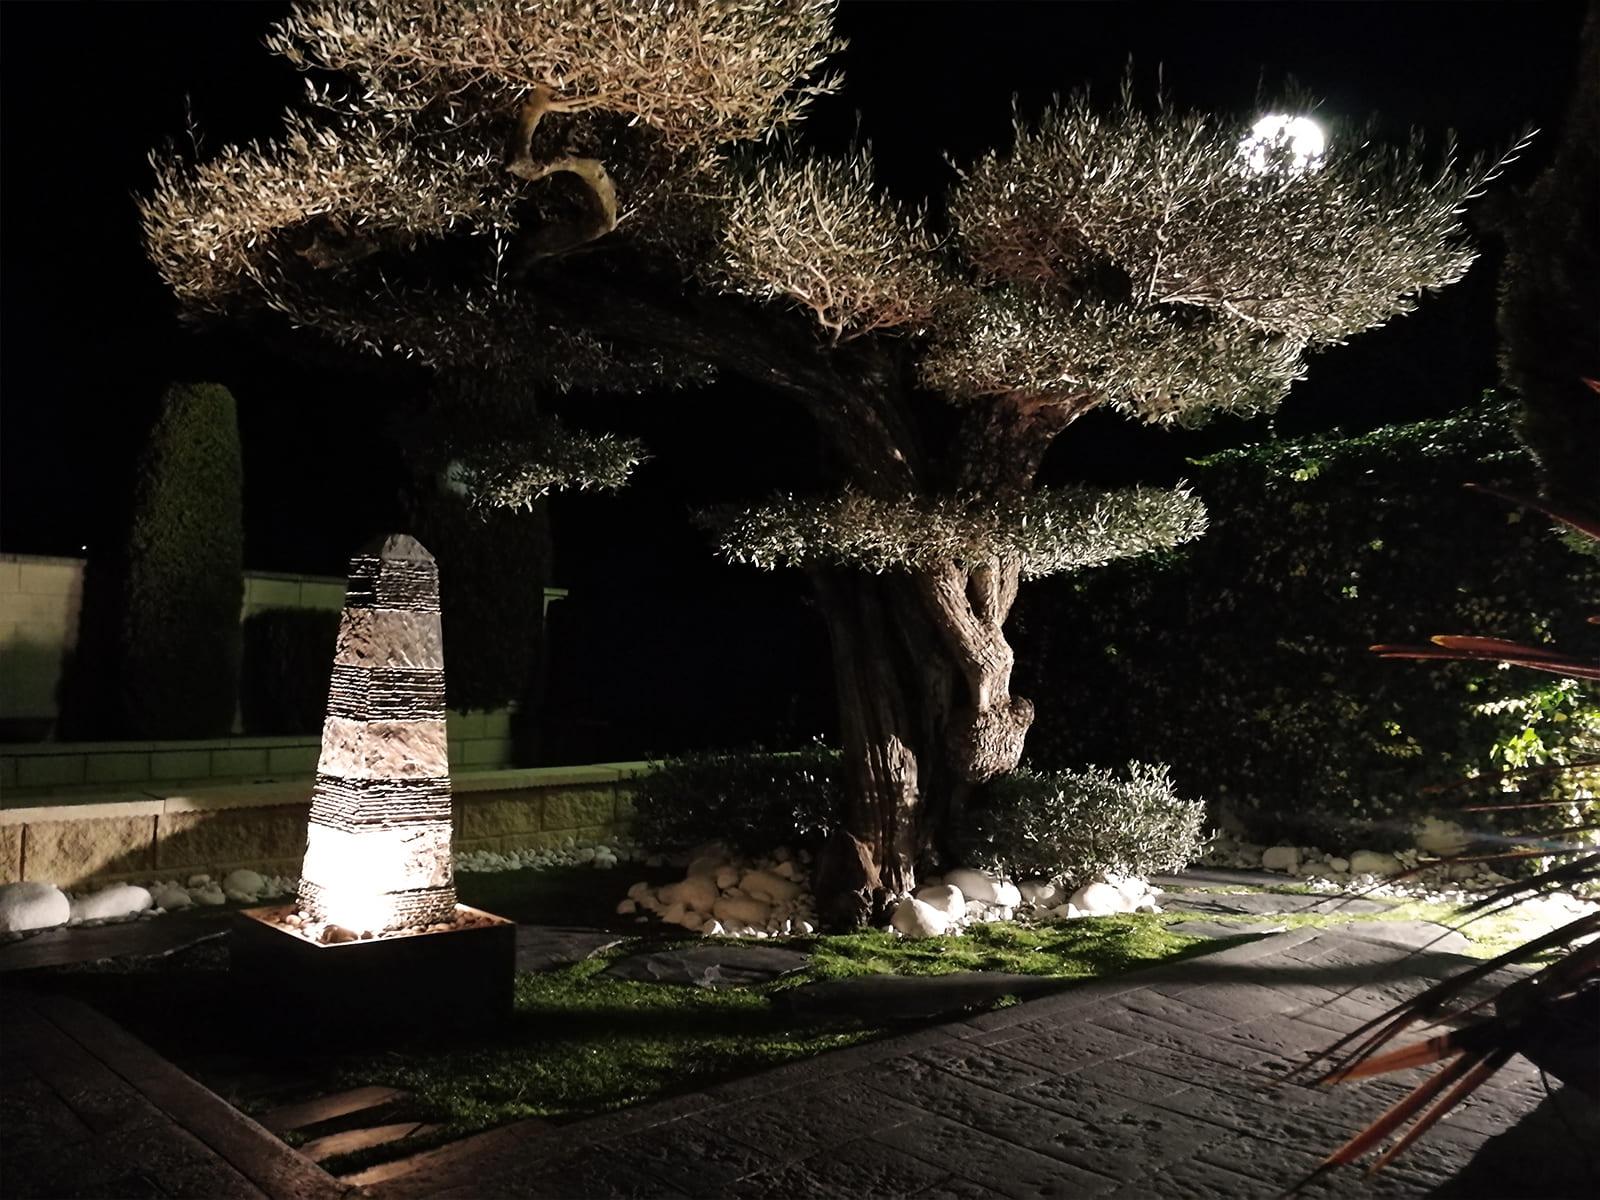 diseño-jardines-espacio-olivo-noche-MM-07_HIDROJARDIN-Bañeres